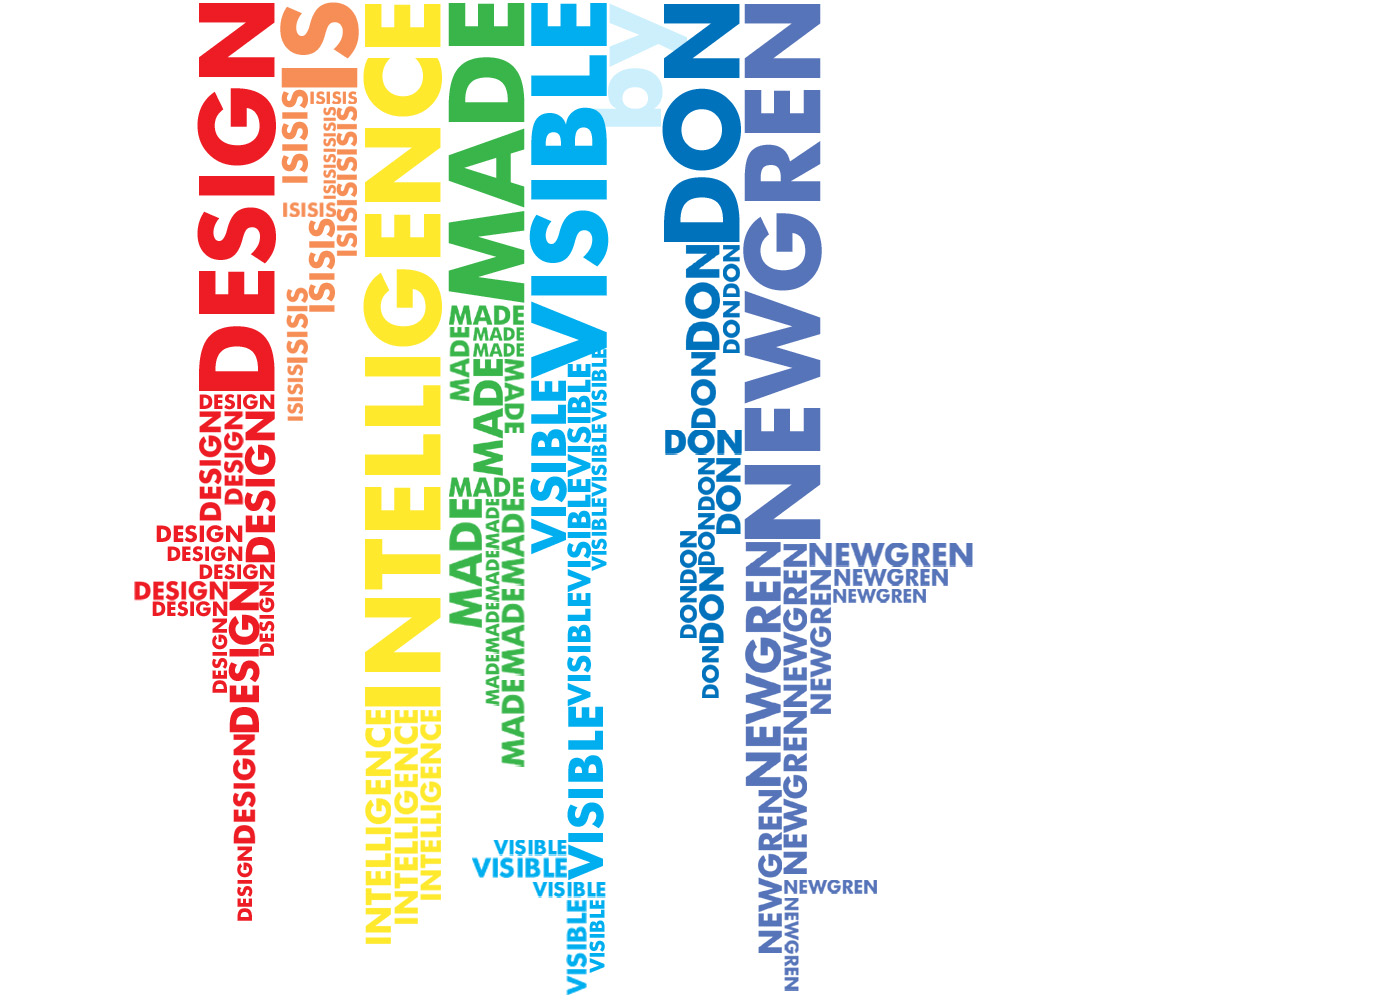 designII by madasrabbitsLV